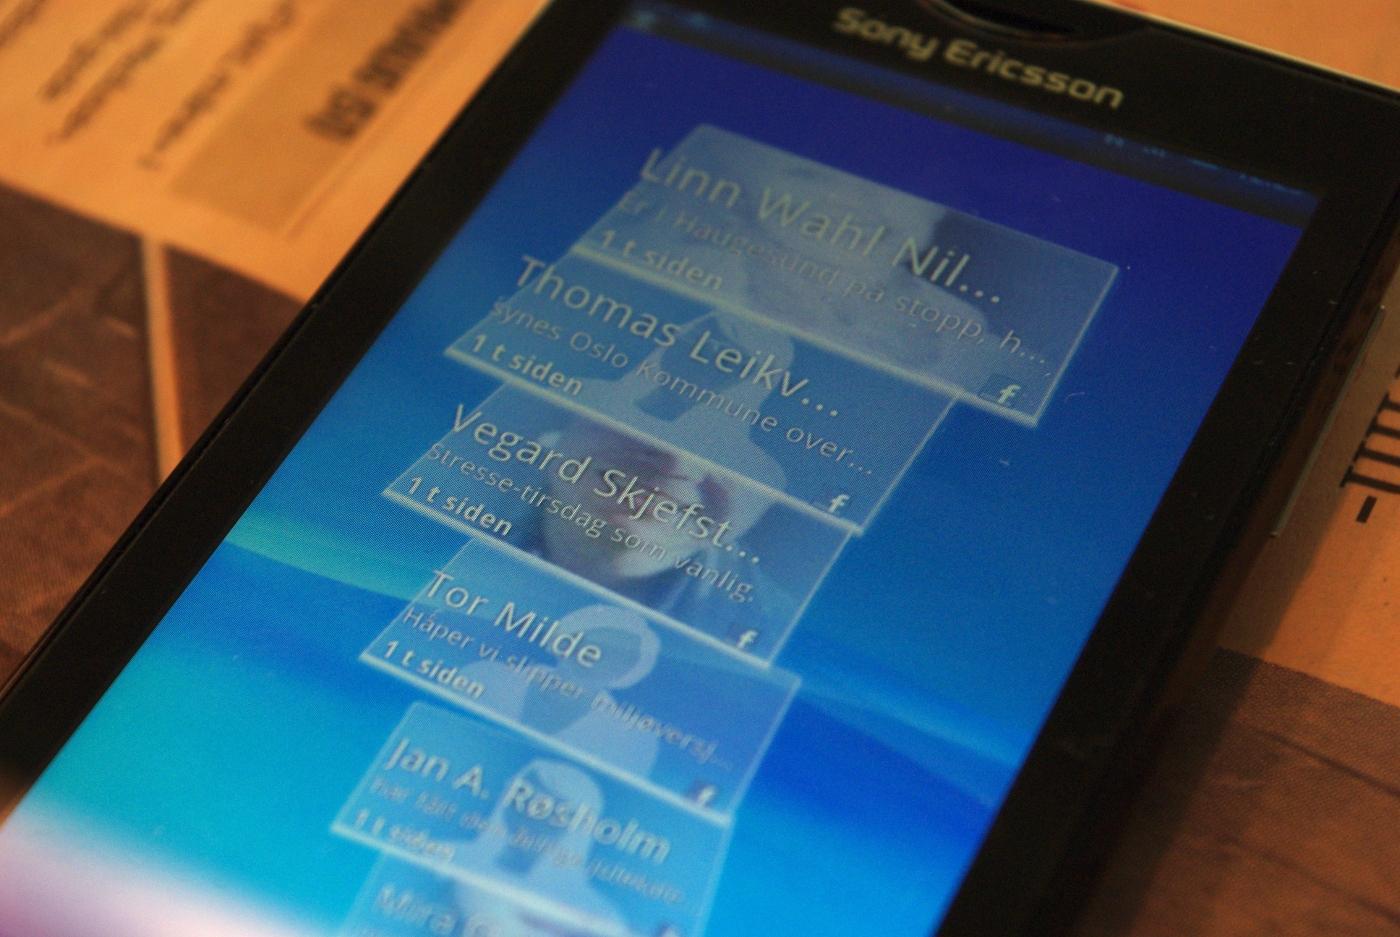 Timescape gir deg en kronologisk oversikt over forskjellige typer hendelser.